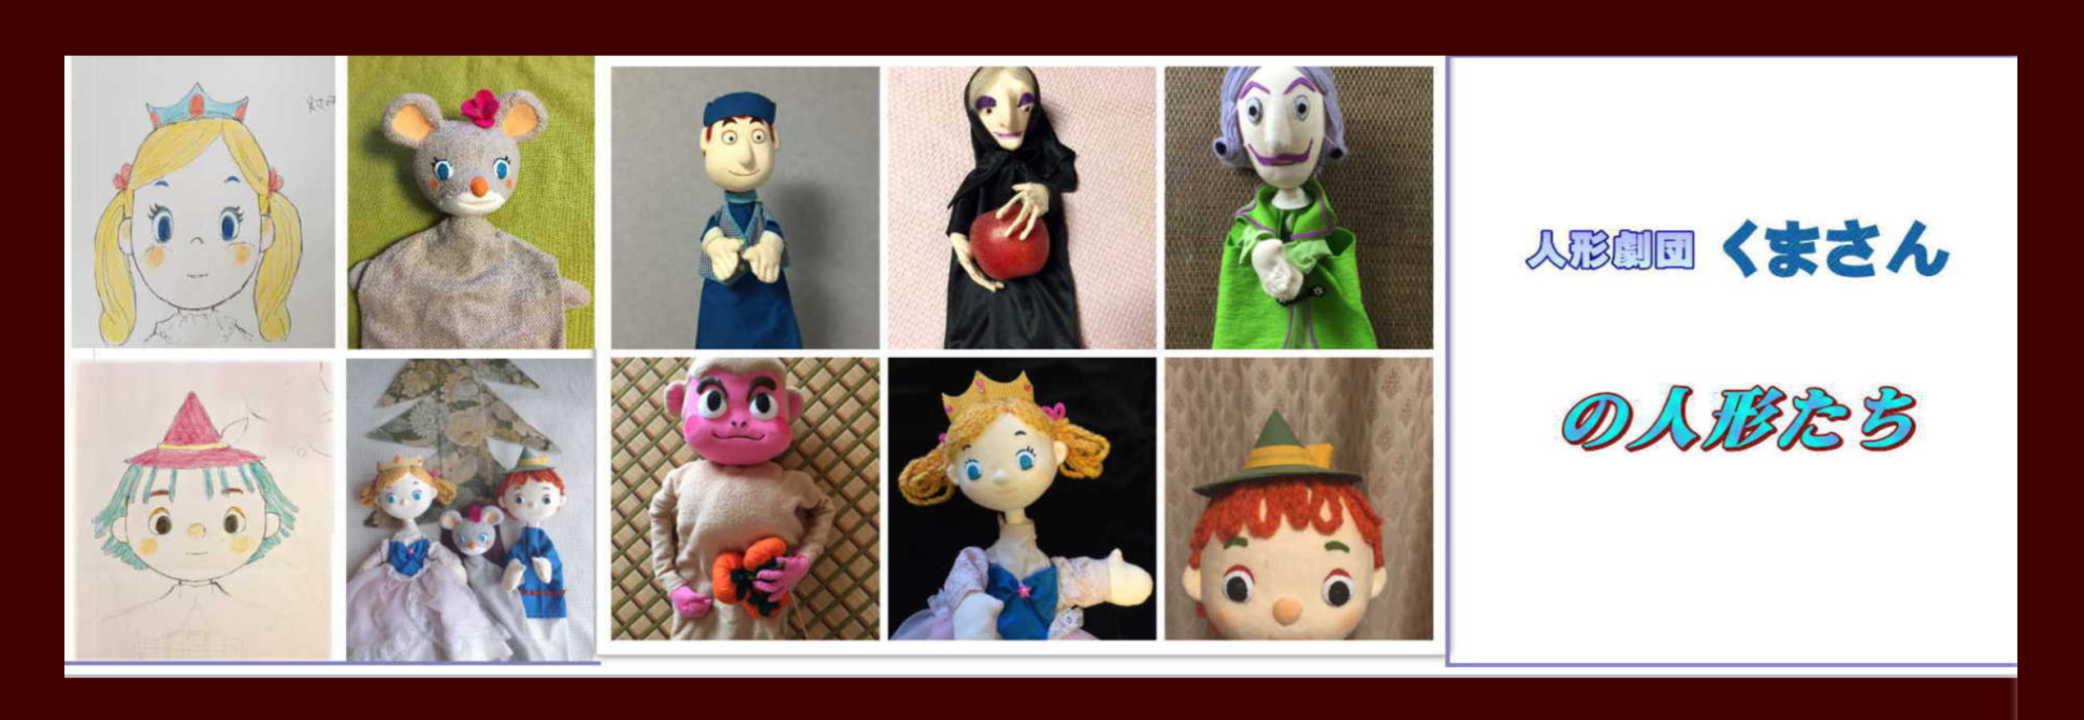 image puppets slide3